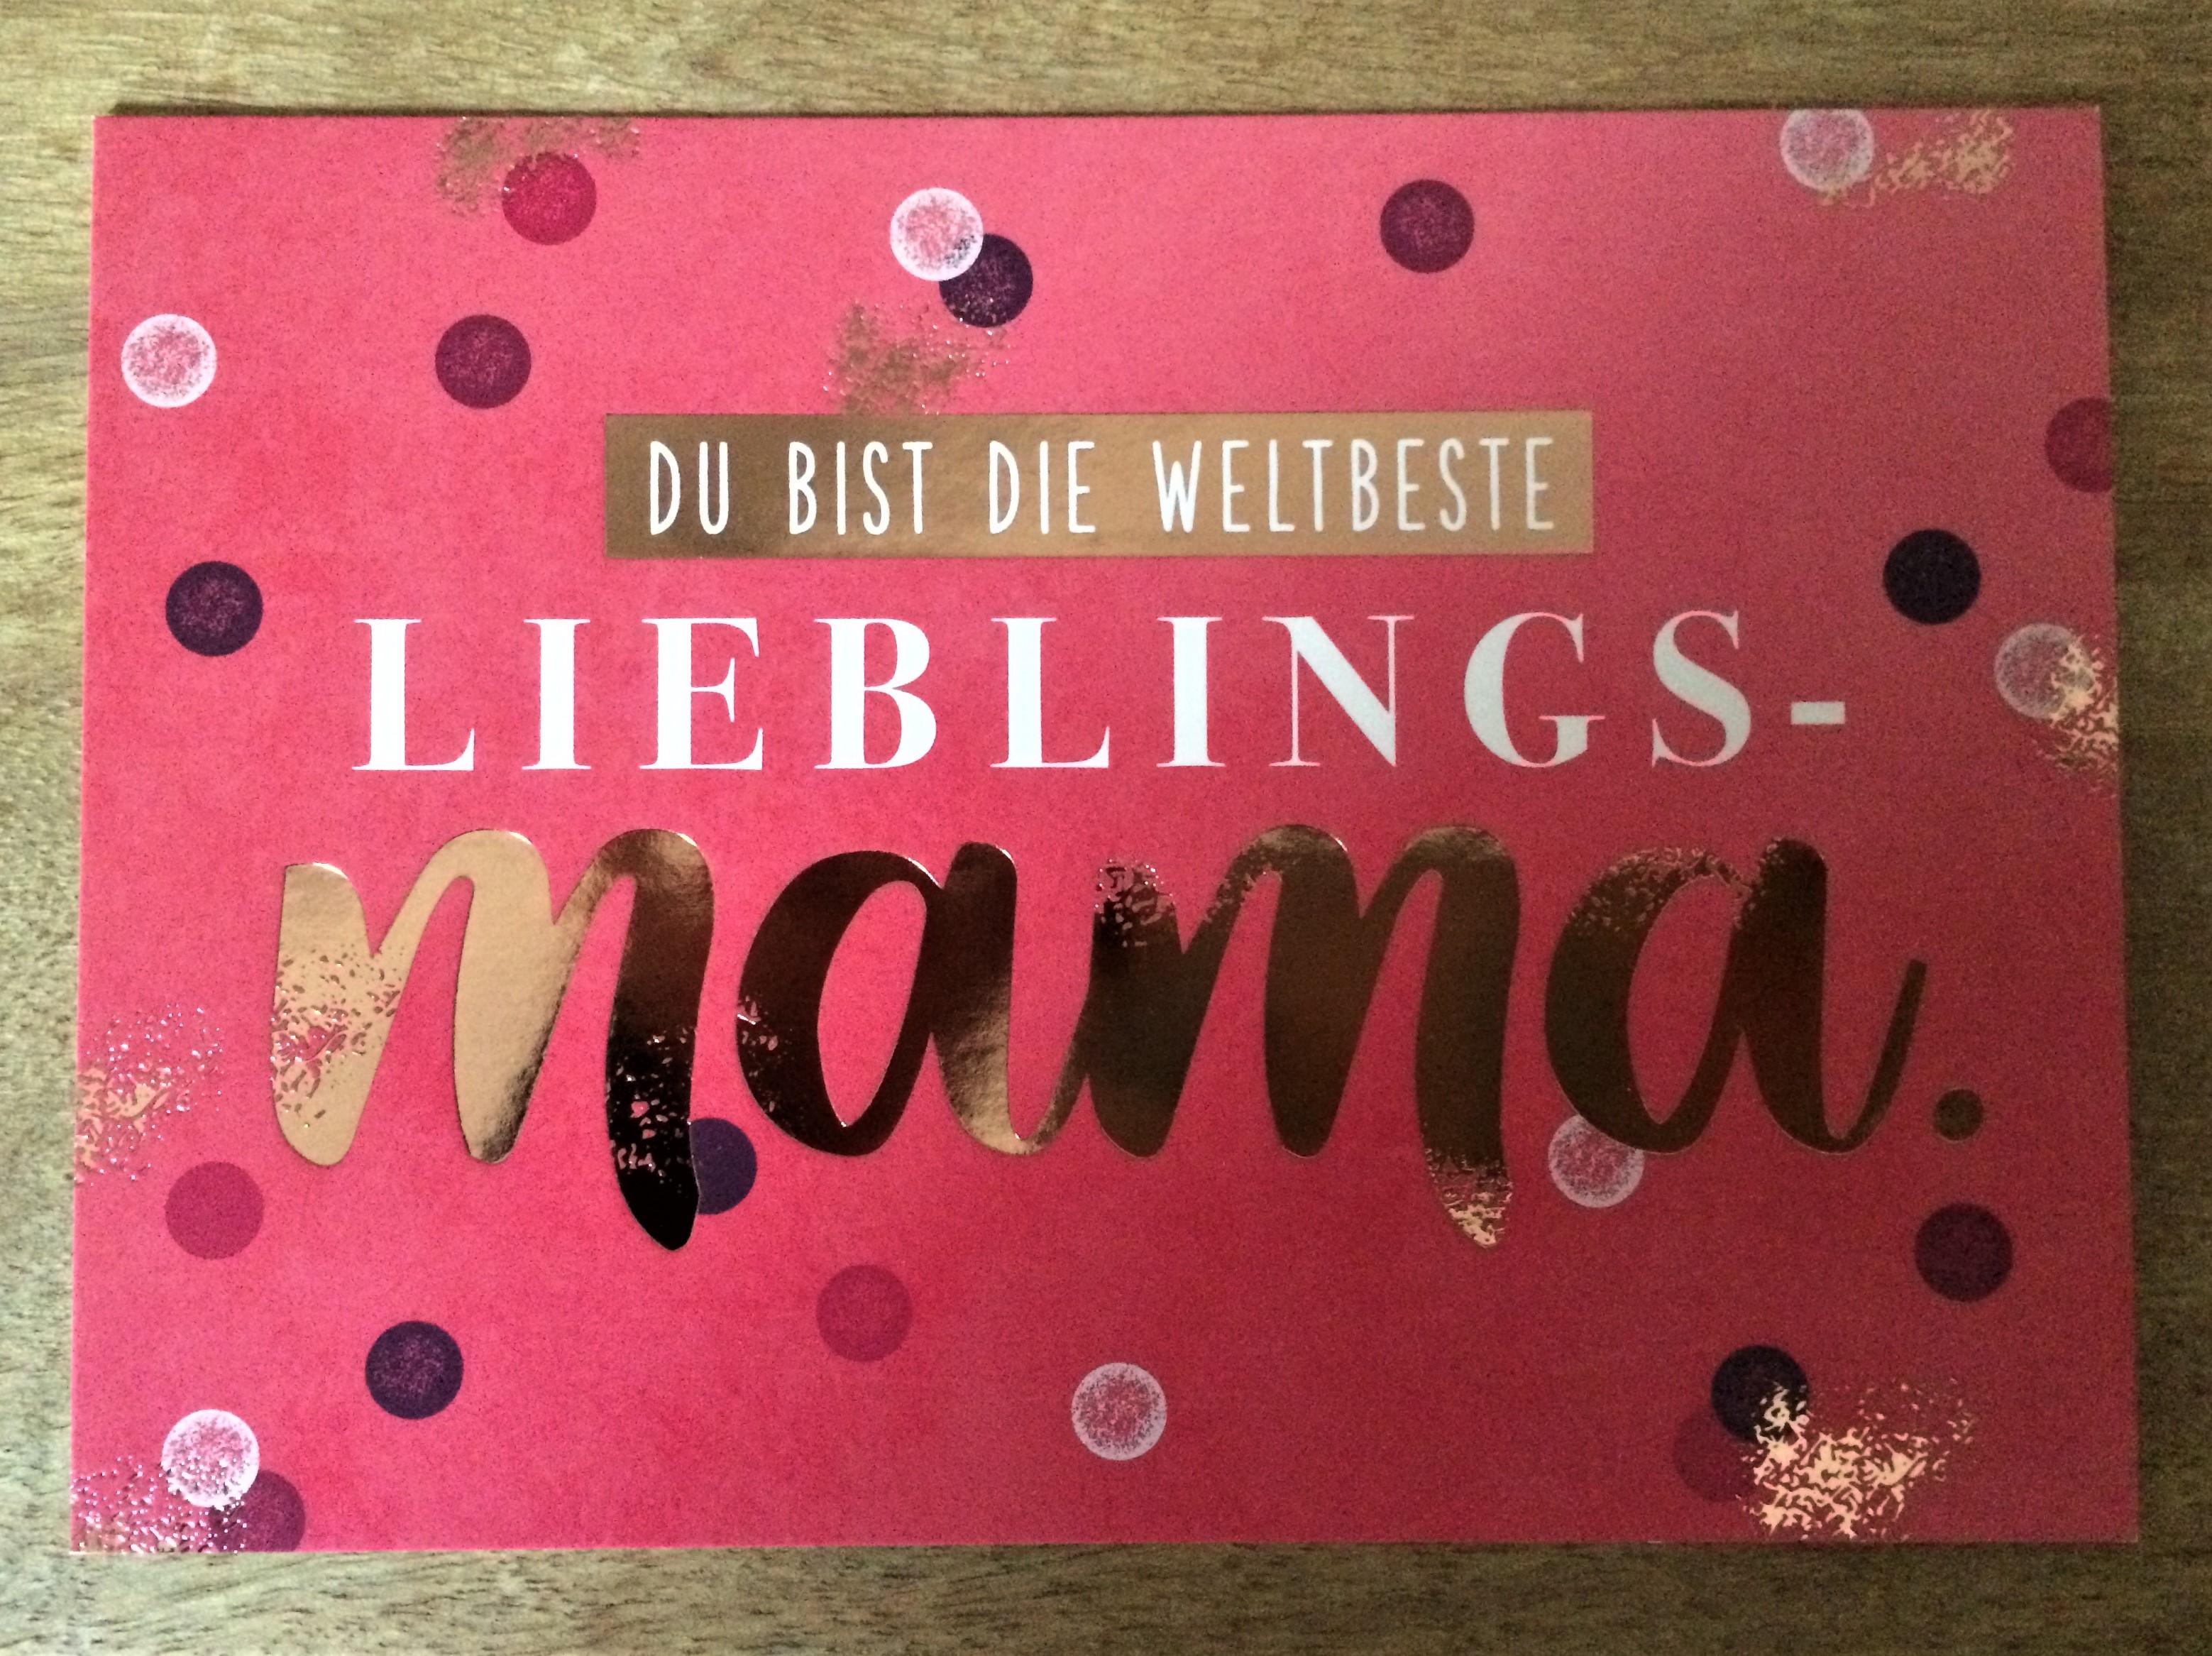 Nützlichgrusskarten - Postkarte Du bist die weltbeste Lieblings Mama. - Onlineshop Tante Emmer